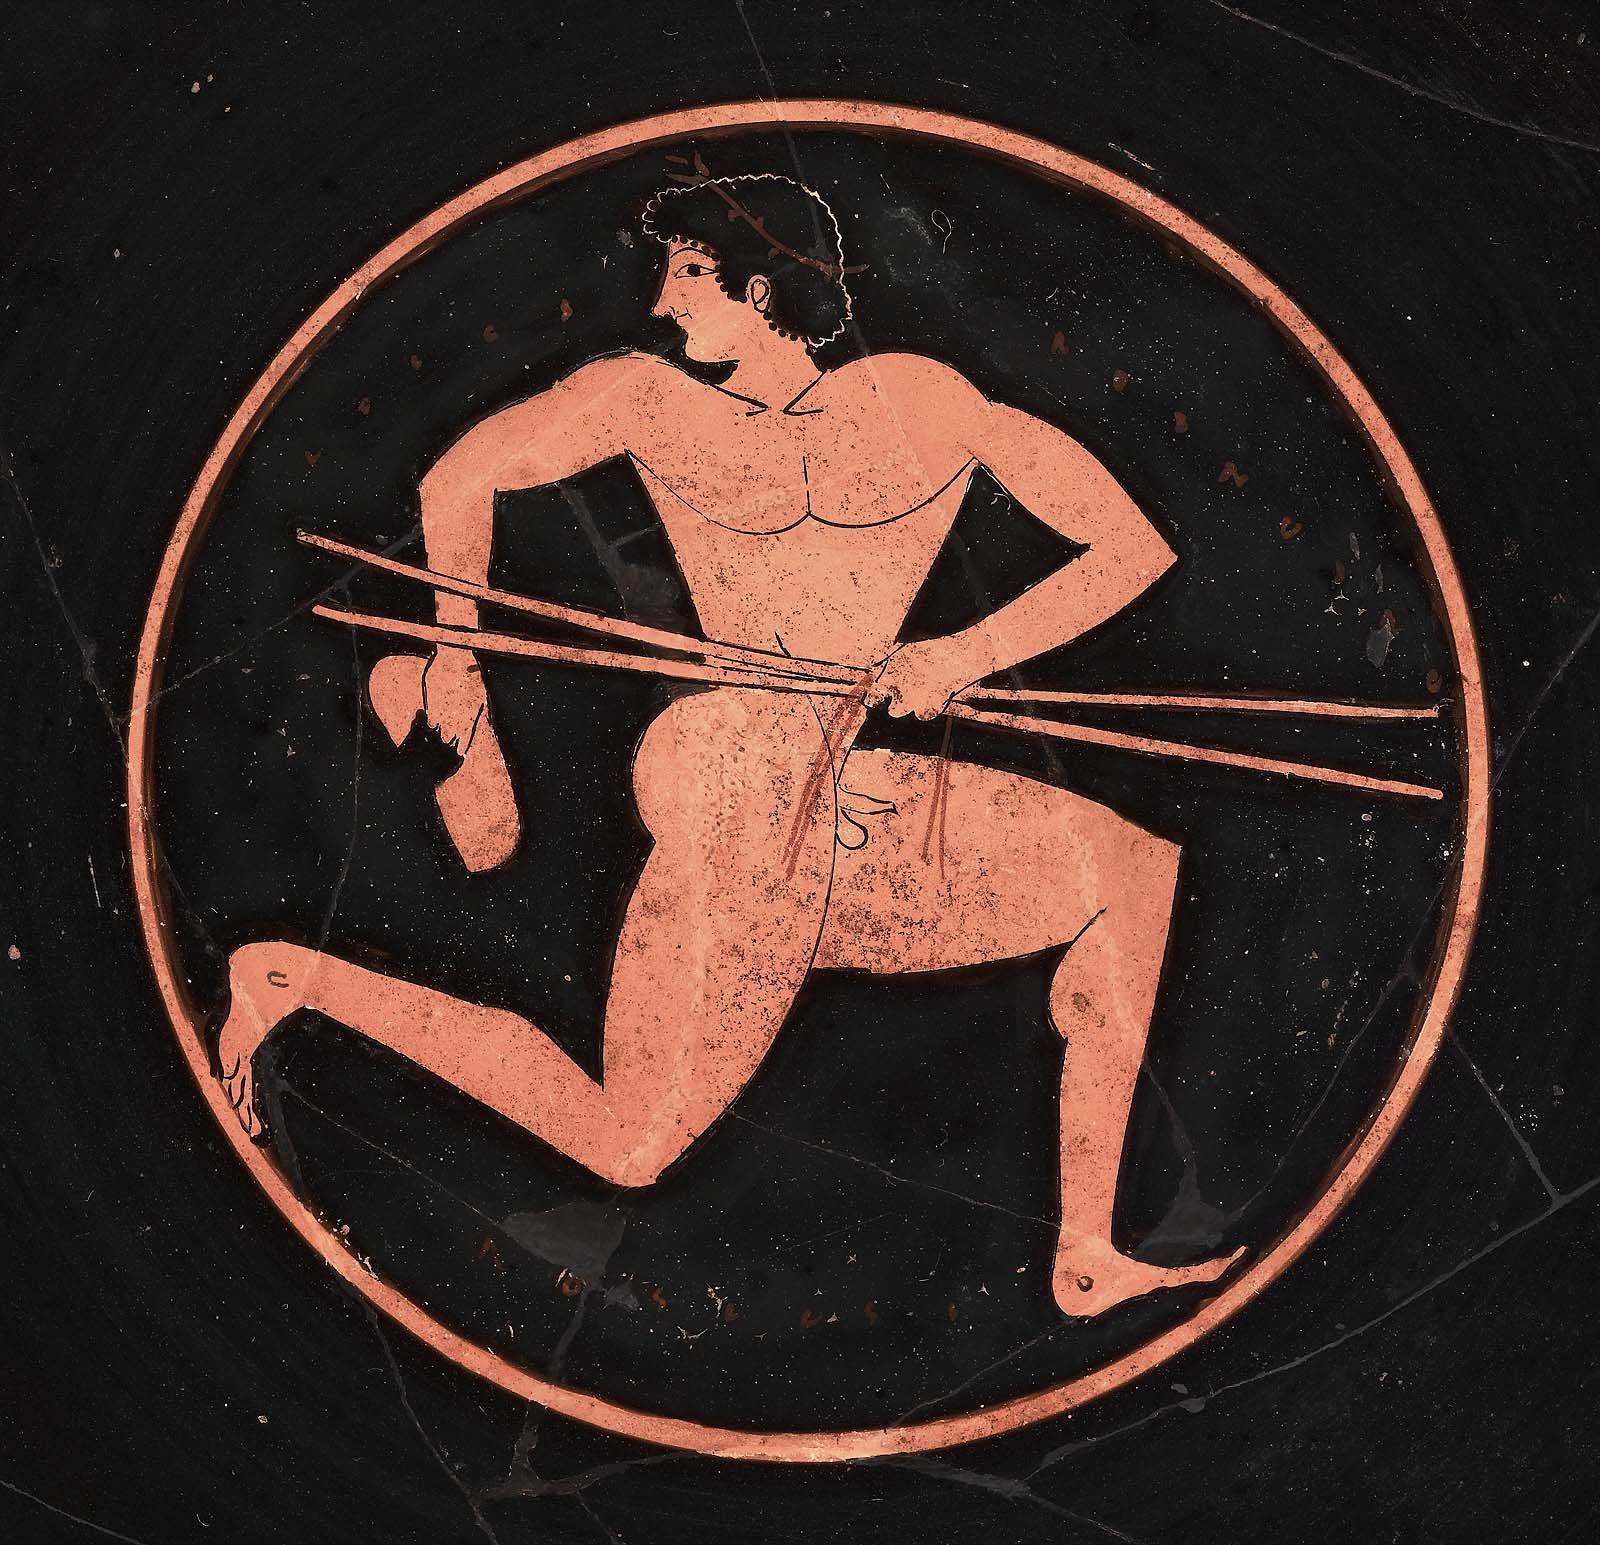 греческий атлет картинка танец